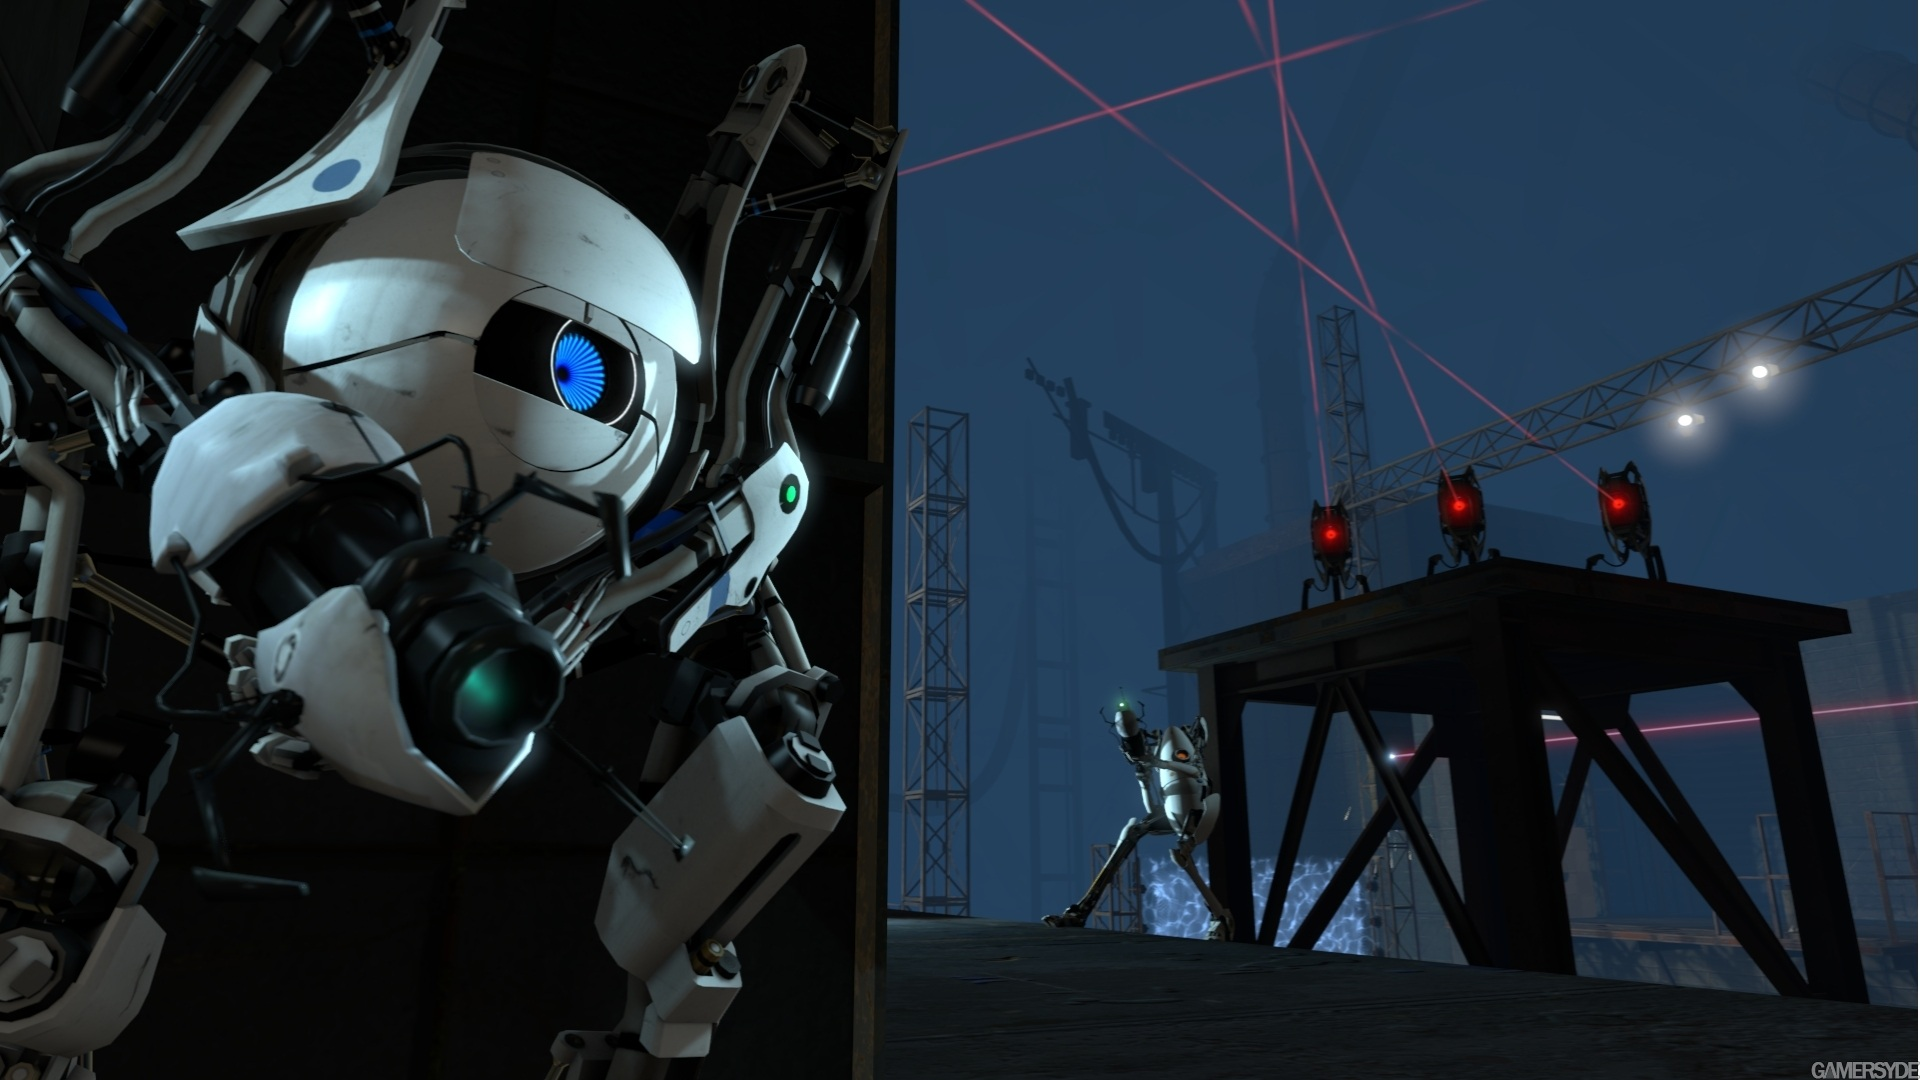 http://images.gamersyde.com/image_portal_2-14455-2070_0005.jpg